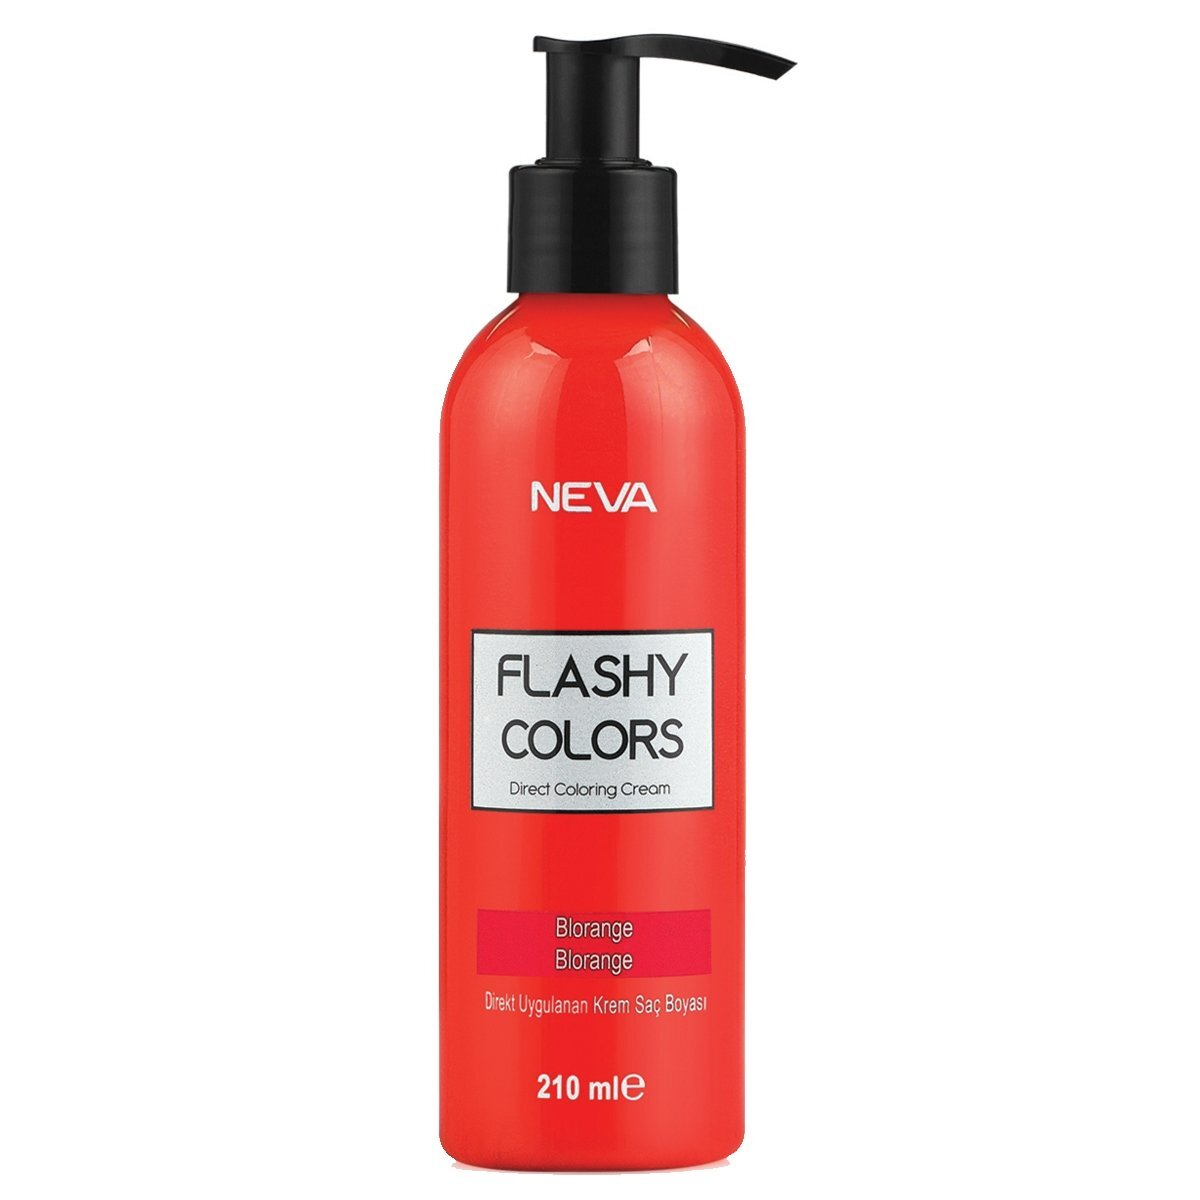 Flashy Colors Yarı Kalıcı Saç Boyası Blorange